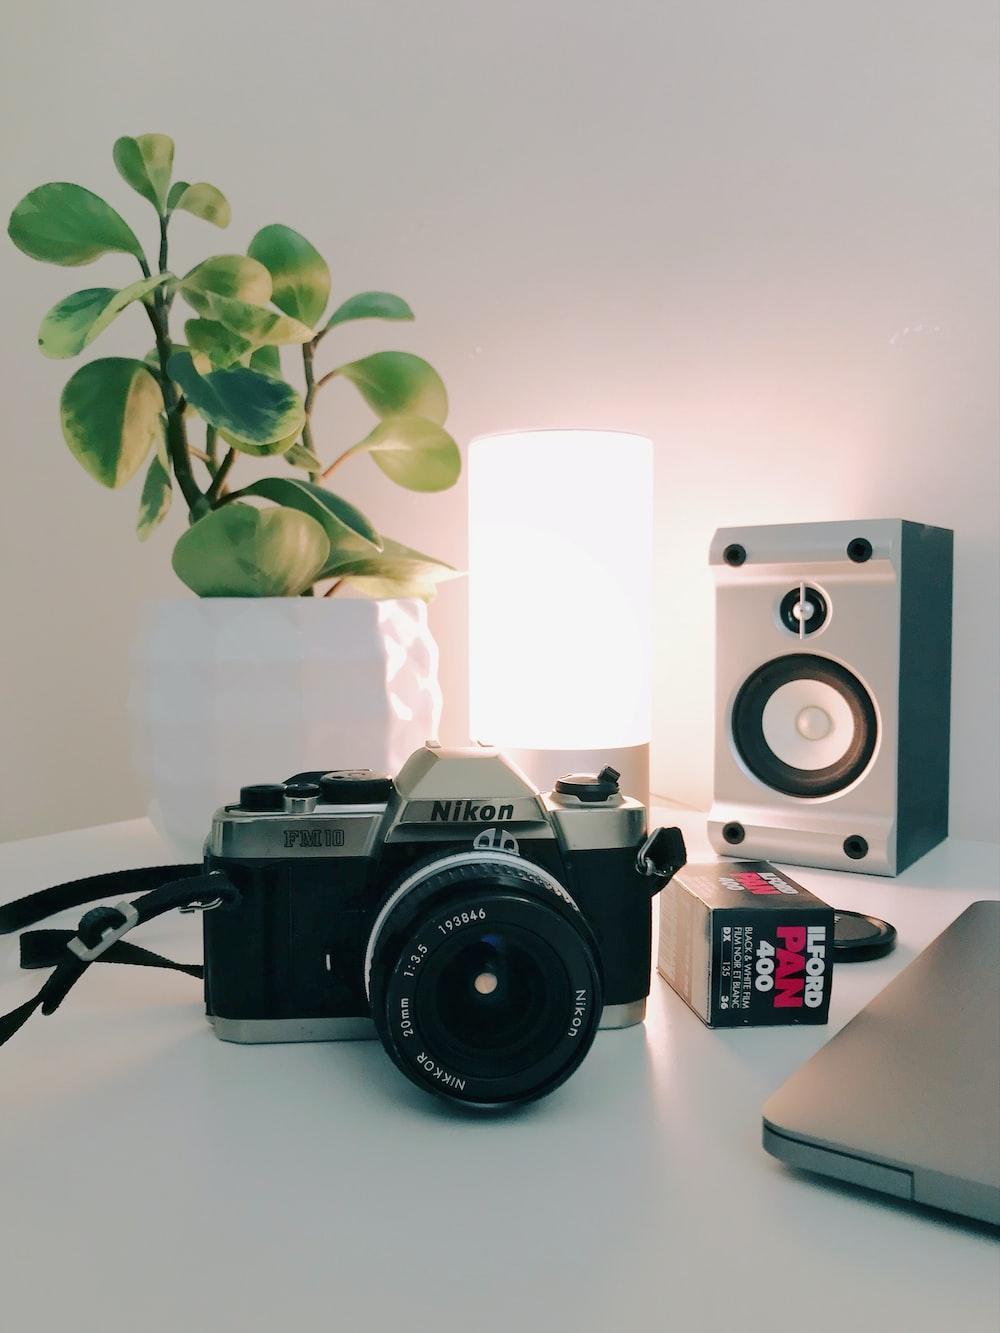 black and grey Nikon camera